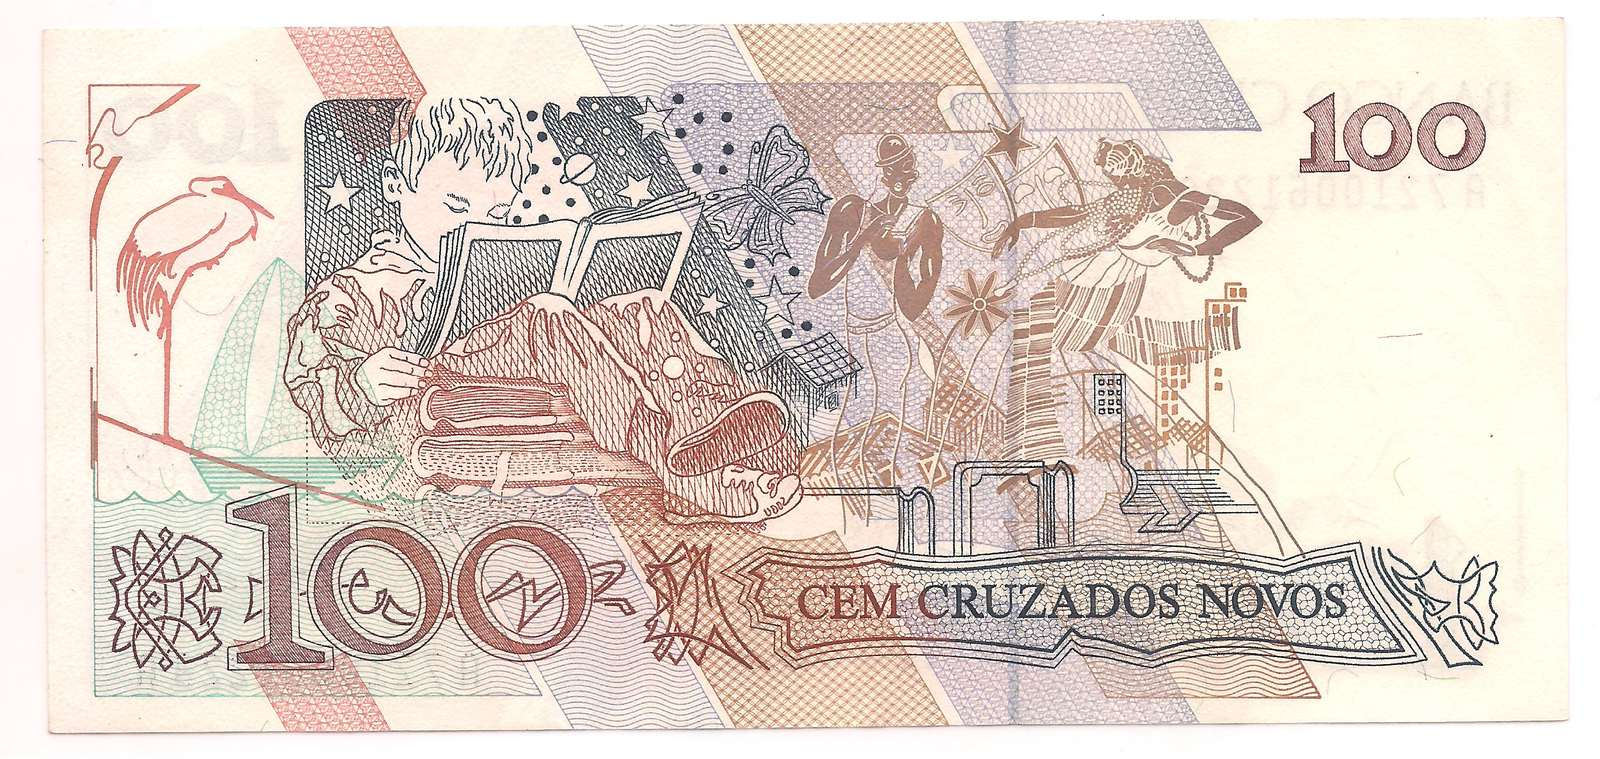 100 Cruzados Novos 1989 (Cecília Meireles) - Escolha nas variações